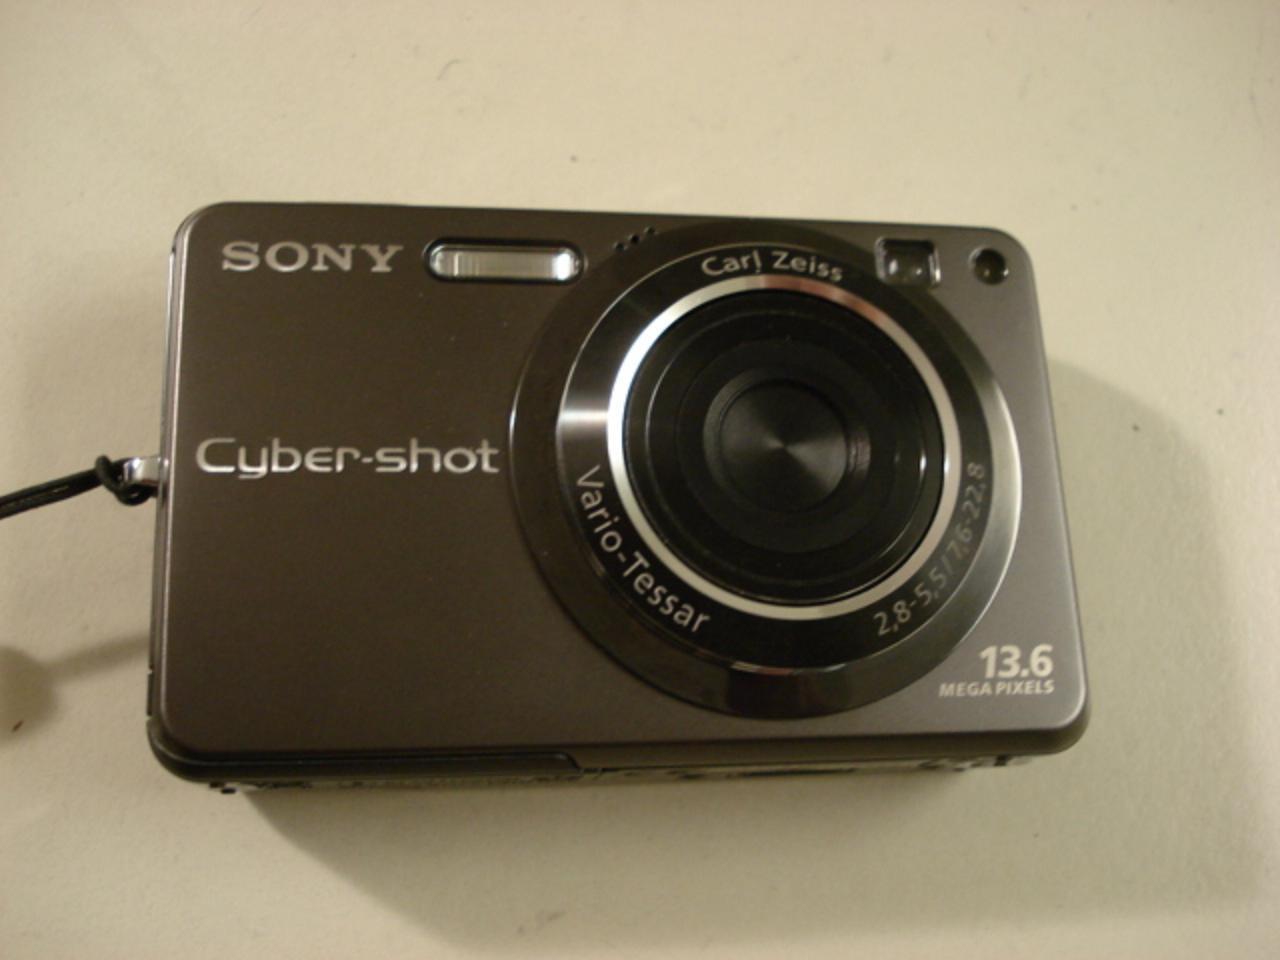 Camara fotos sony dsc-w120 16